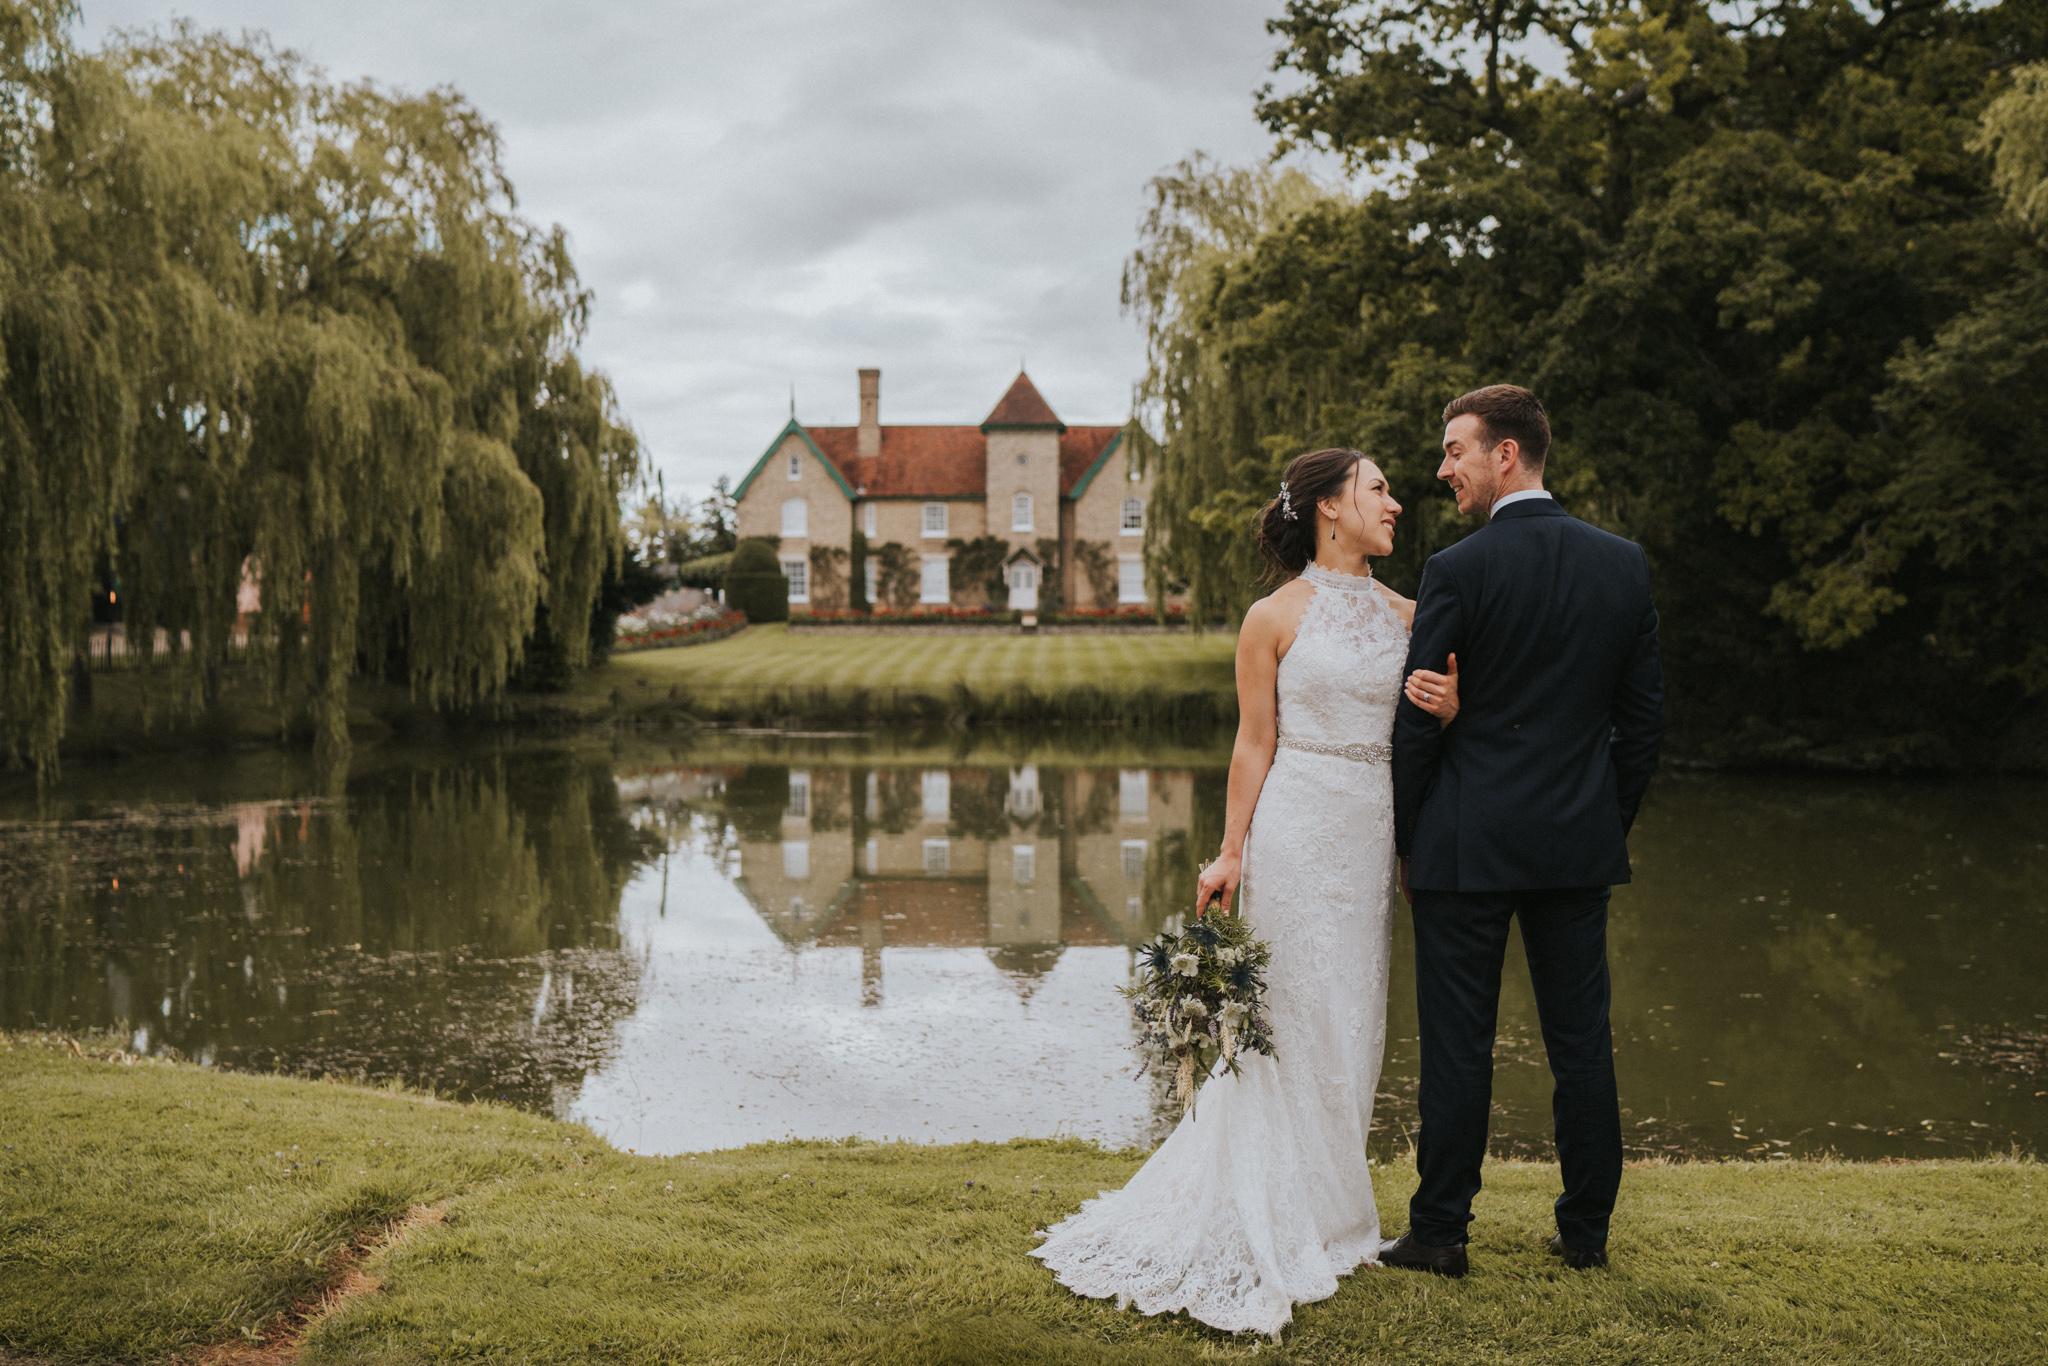 jane-patrick-smeetham-hall-barn-grace-elizabeth-colchester-essex-alternative-wedding-lifestyle-photographer-essex-suffolk-norfolk-devon+(45+of+52).jpg